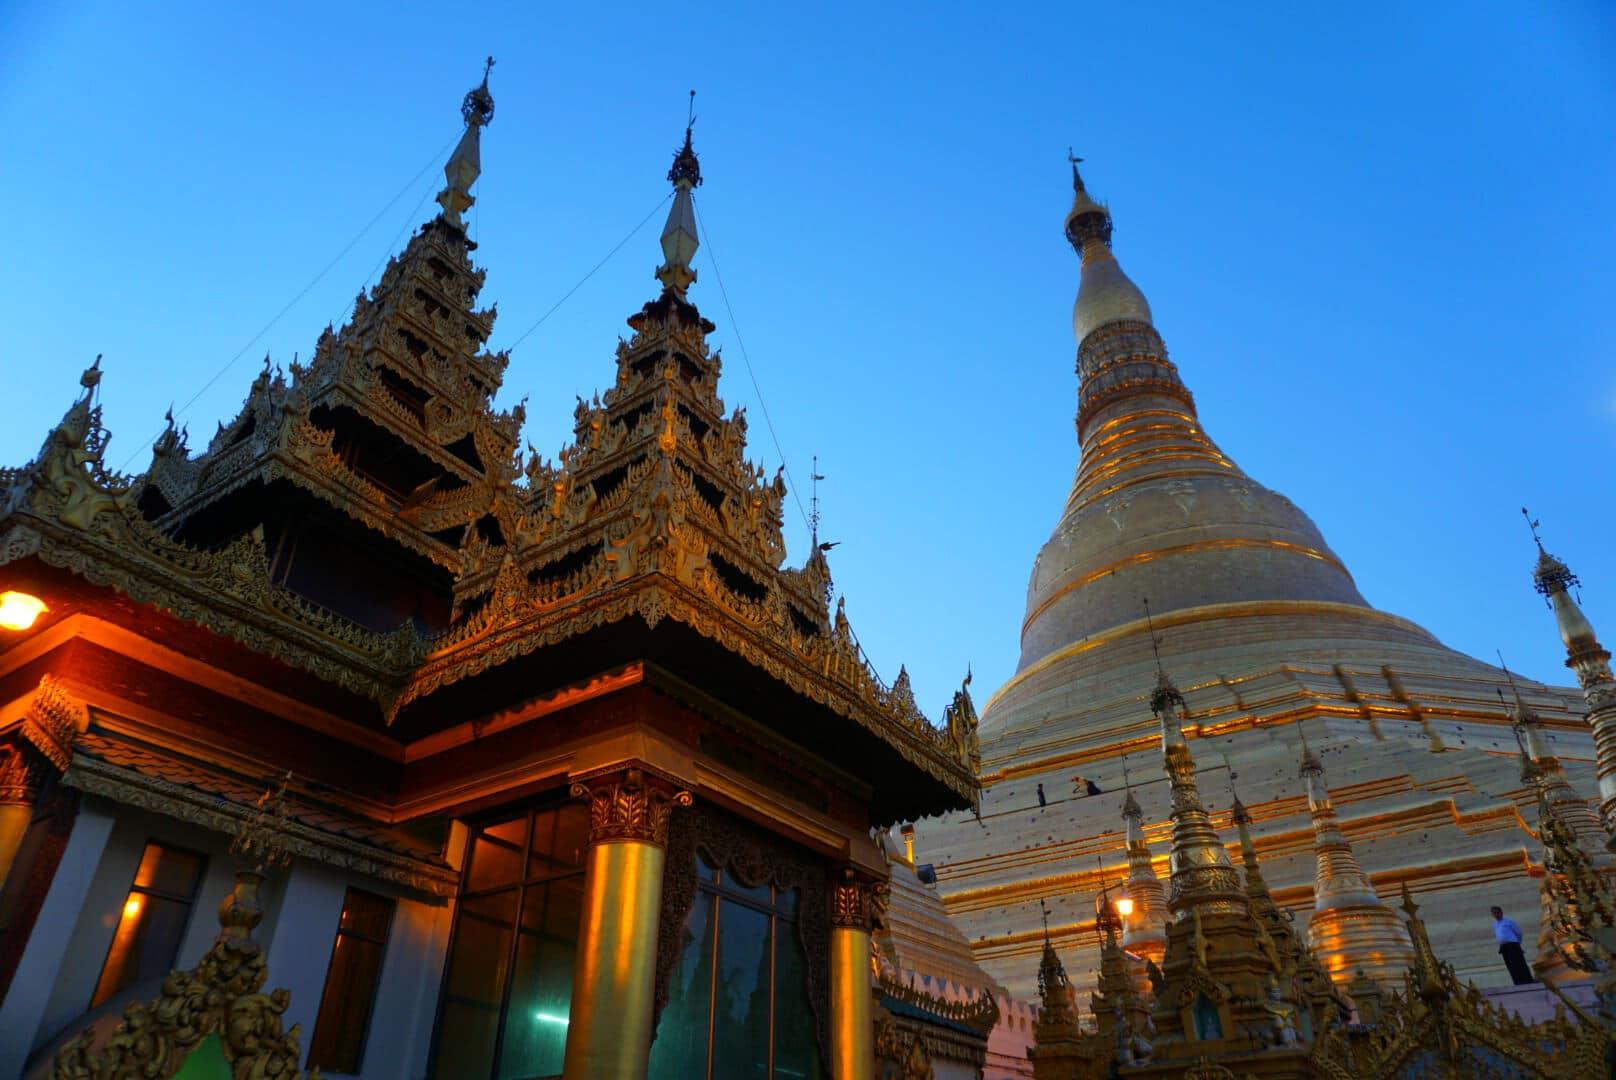 Myanmar photos The surreal Shwedagon Pagoda